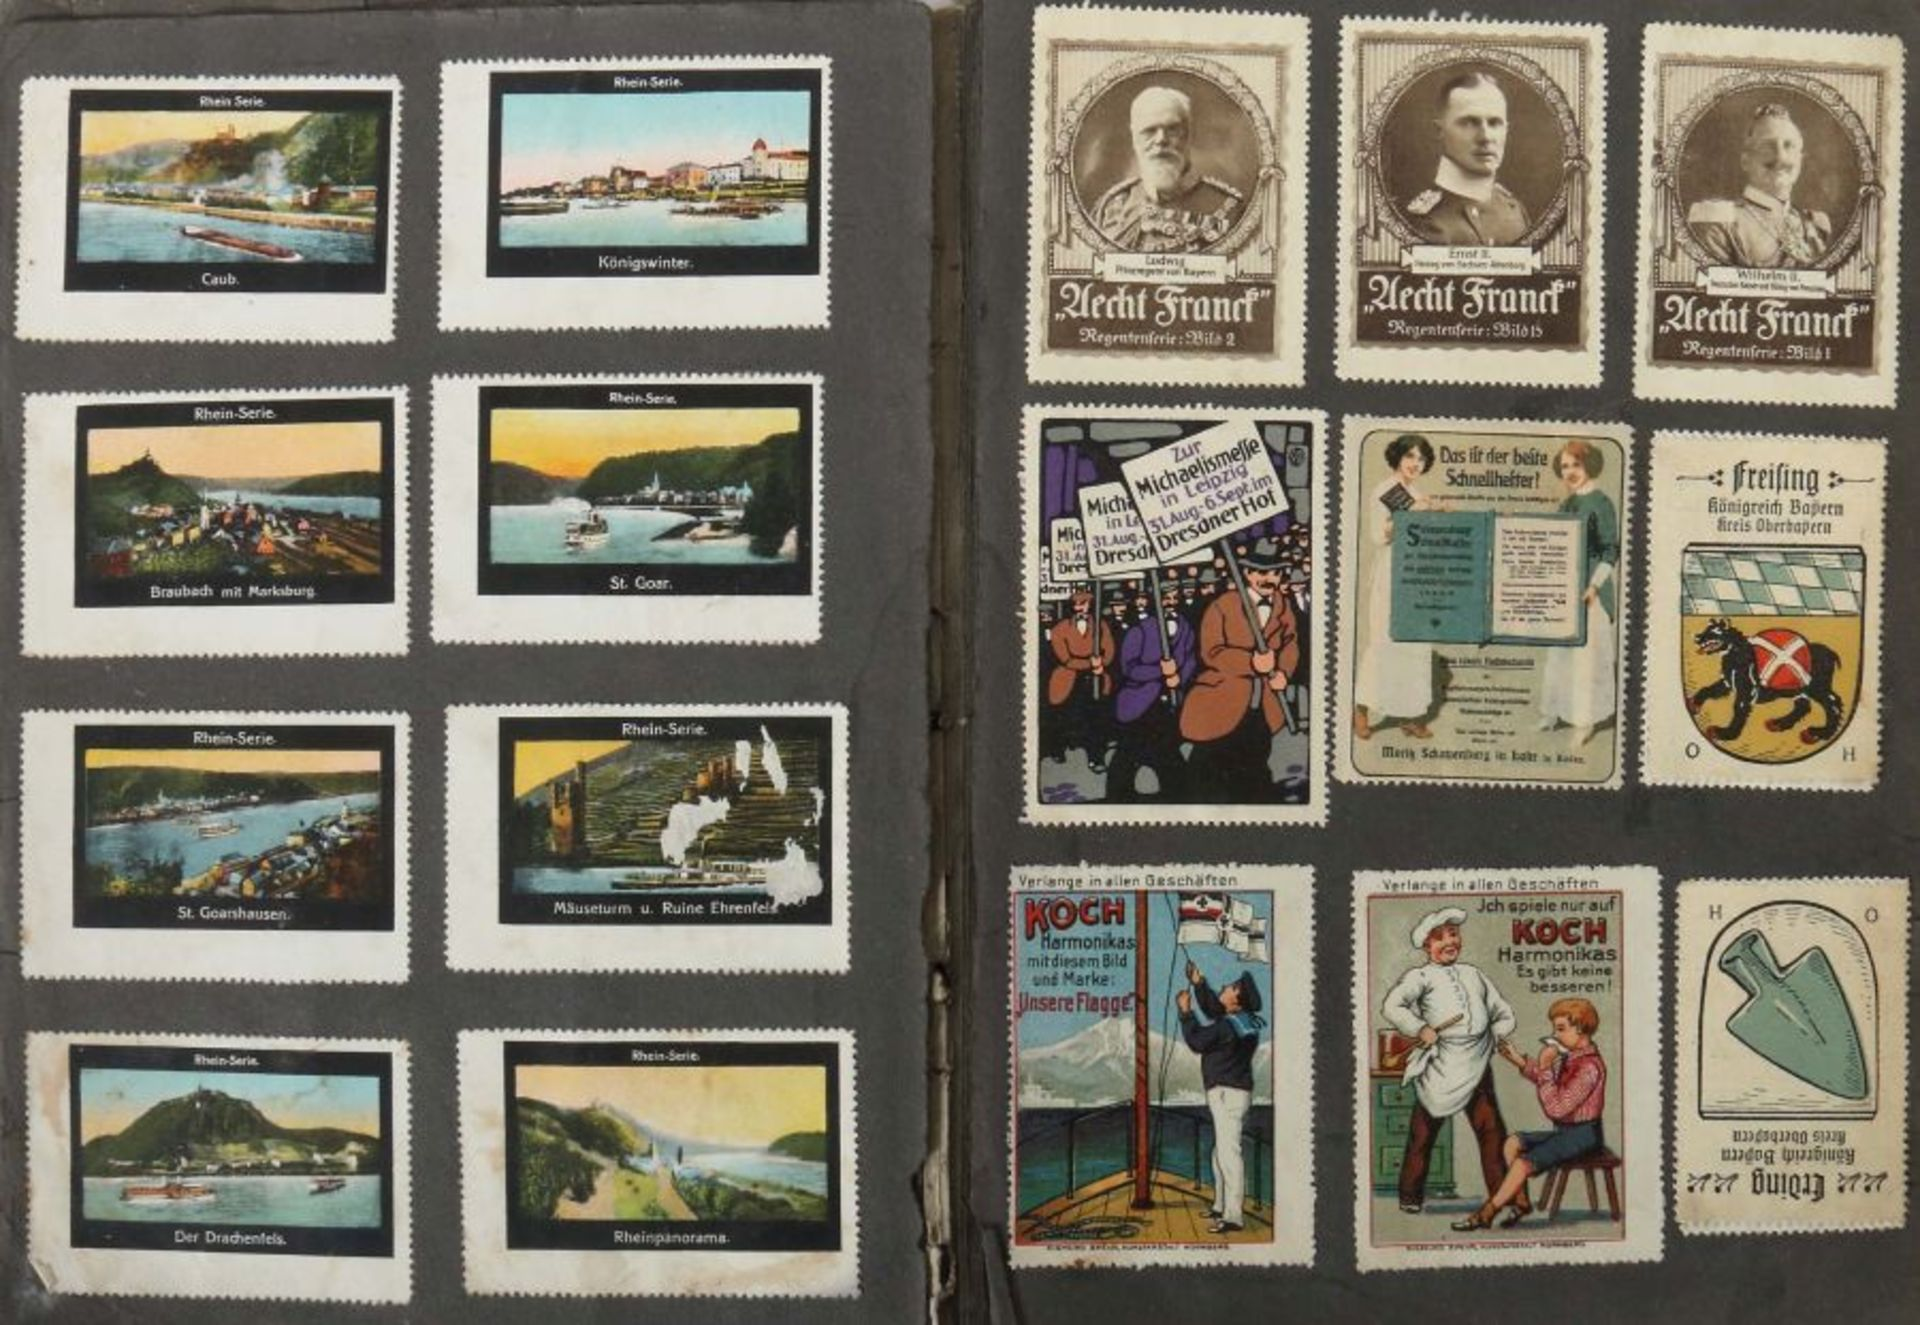 3 Werbevignetten-Alben Alben mit ca. 700 Werbevignetten, u.a. Graetzin, Odol, Weck, Matagon, - Bild 2 aus 6